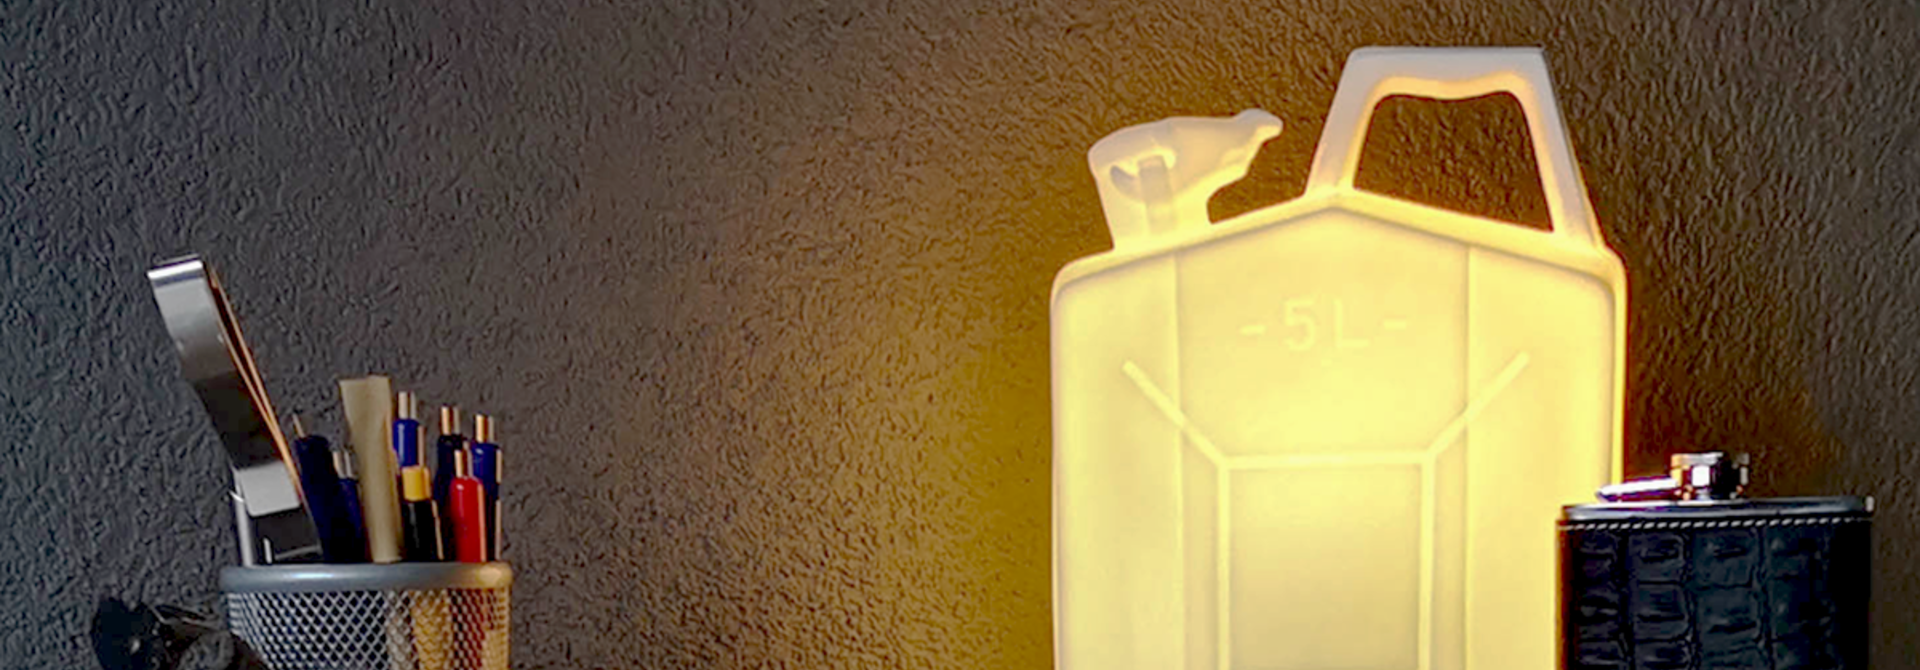 Porseleinen jerrycan lamp